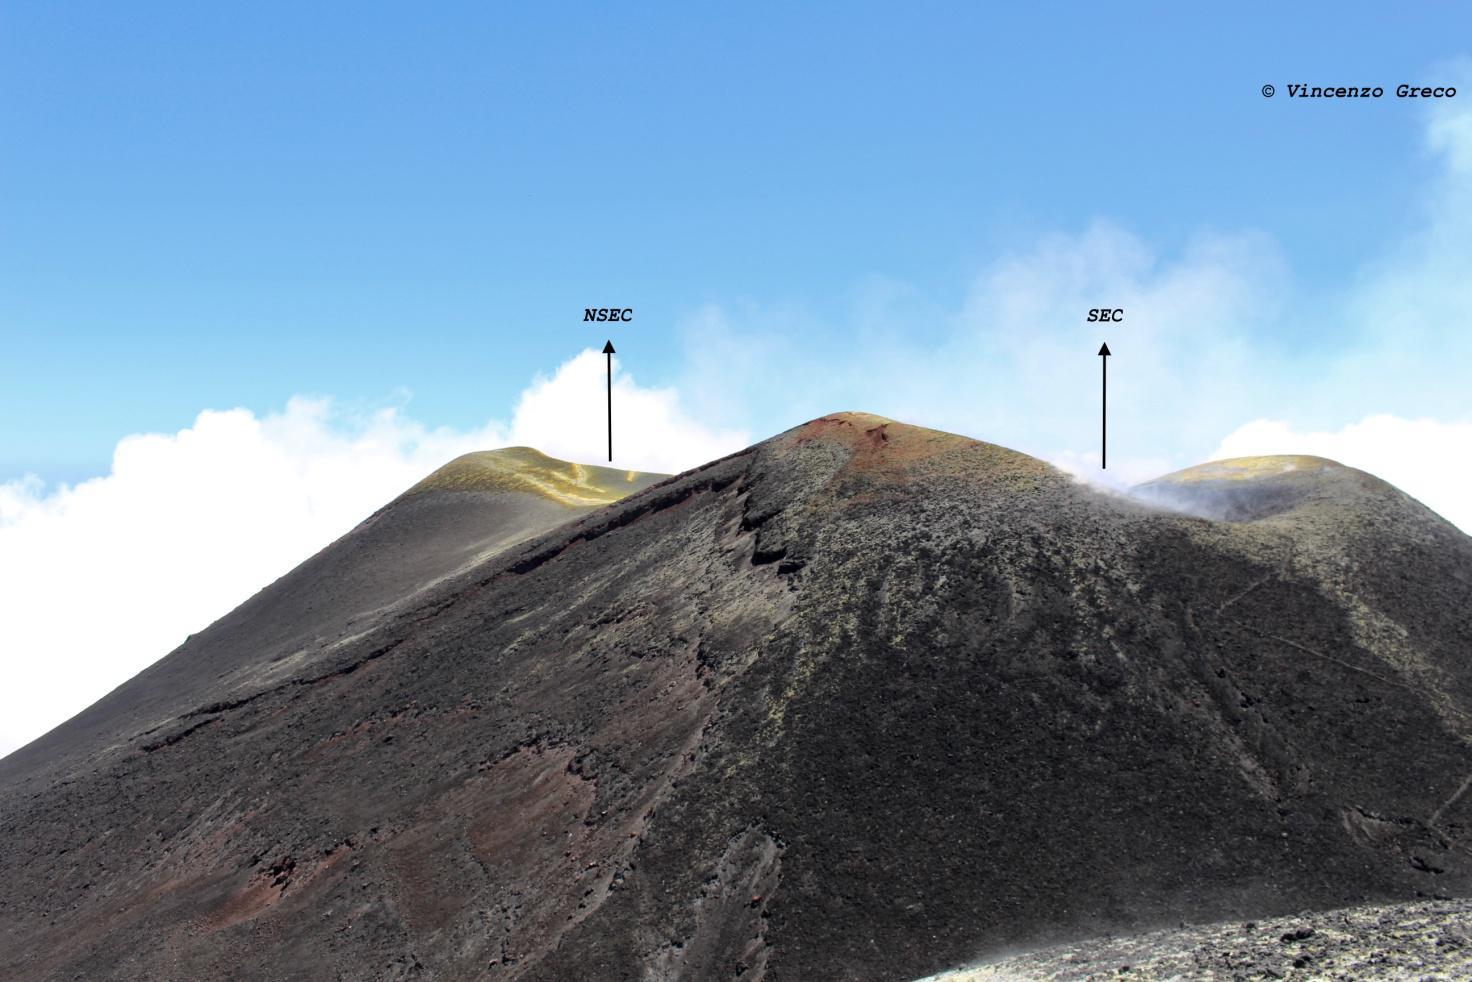 Foto scattata dall'orlo orientale del Cratere Centrale e ritrae il Vecchio (SEC) e il Nuovo Cratere di Sud Est (NSEC)